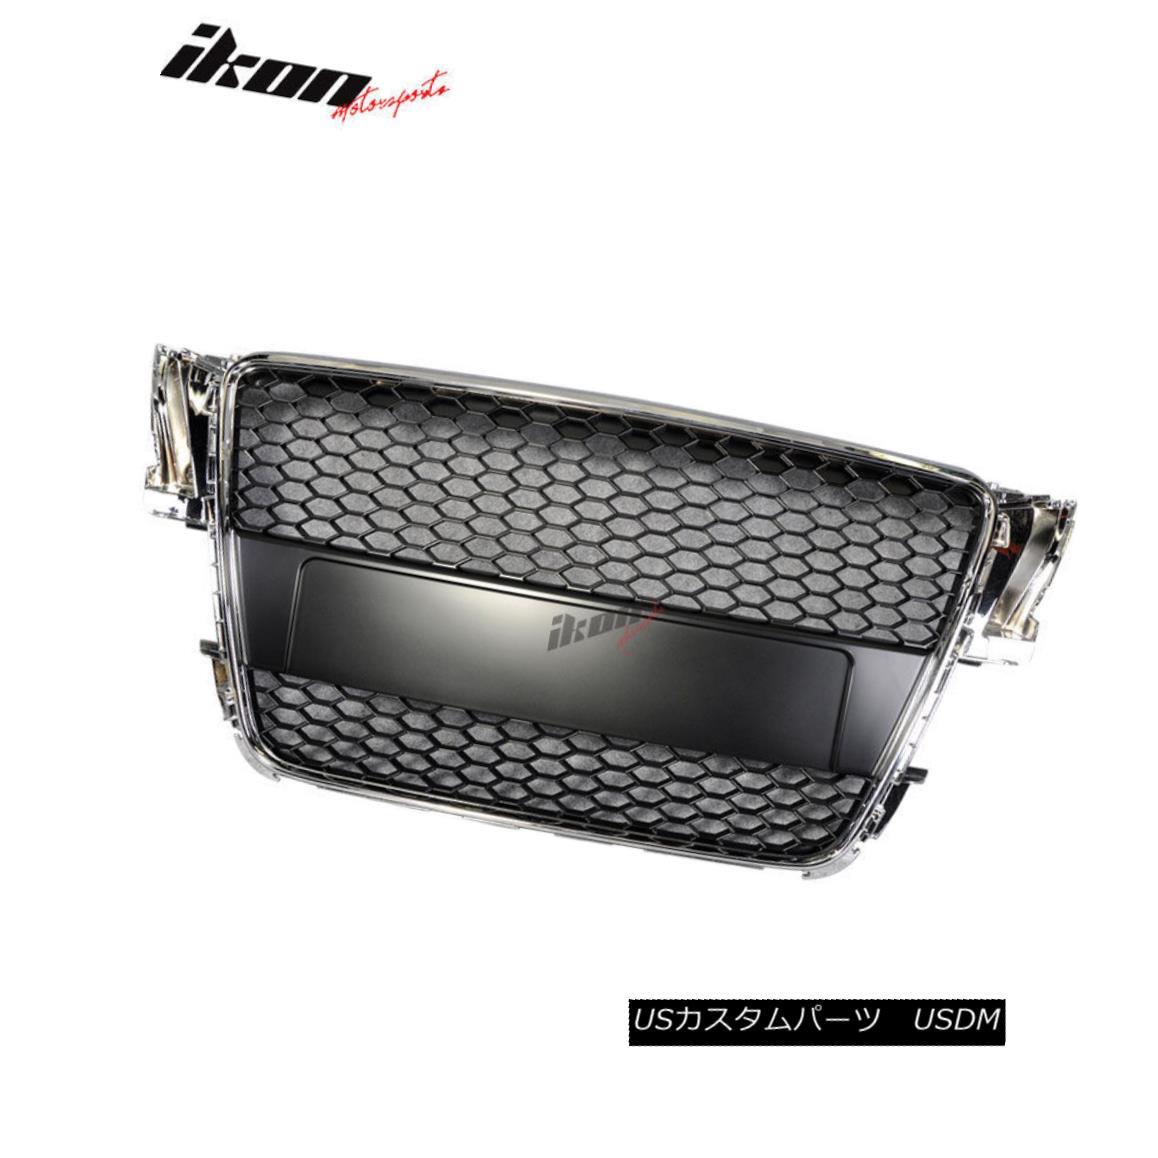 グリル Fits 08-10 Audi A5 Honeycomb Chrome Mesh Front Hood Grill Grille フィット08-10アウディA5ハニカムクロムメッシュフロントフードグリルグリル